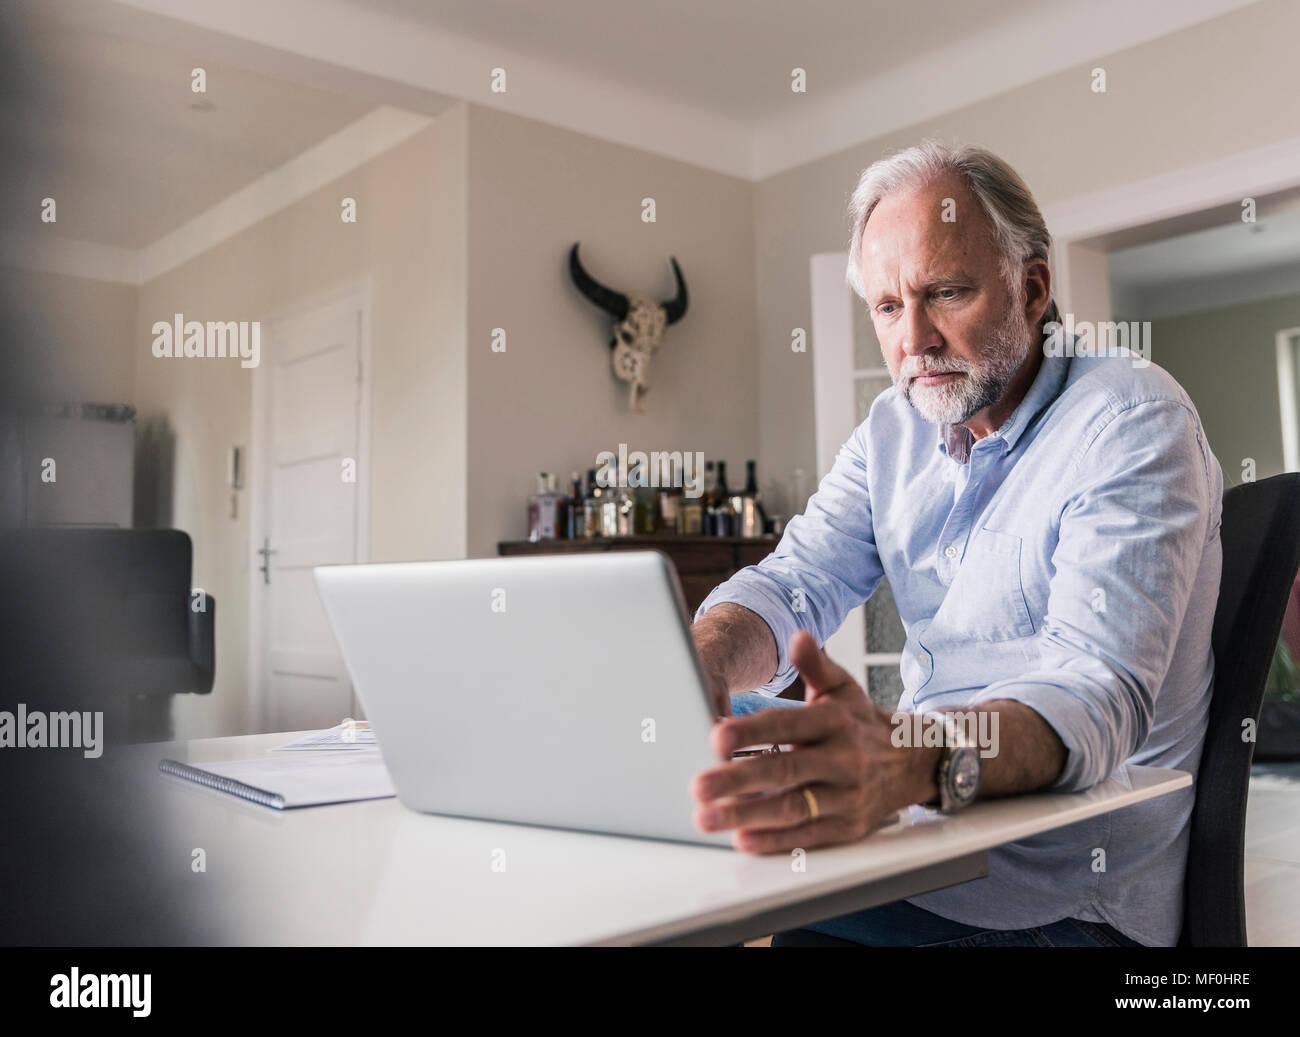 Retrato del hombre de negocios que trabajan en la oficina principal Imagen De Stock